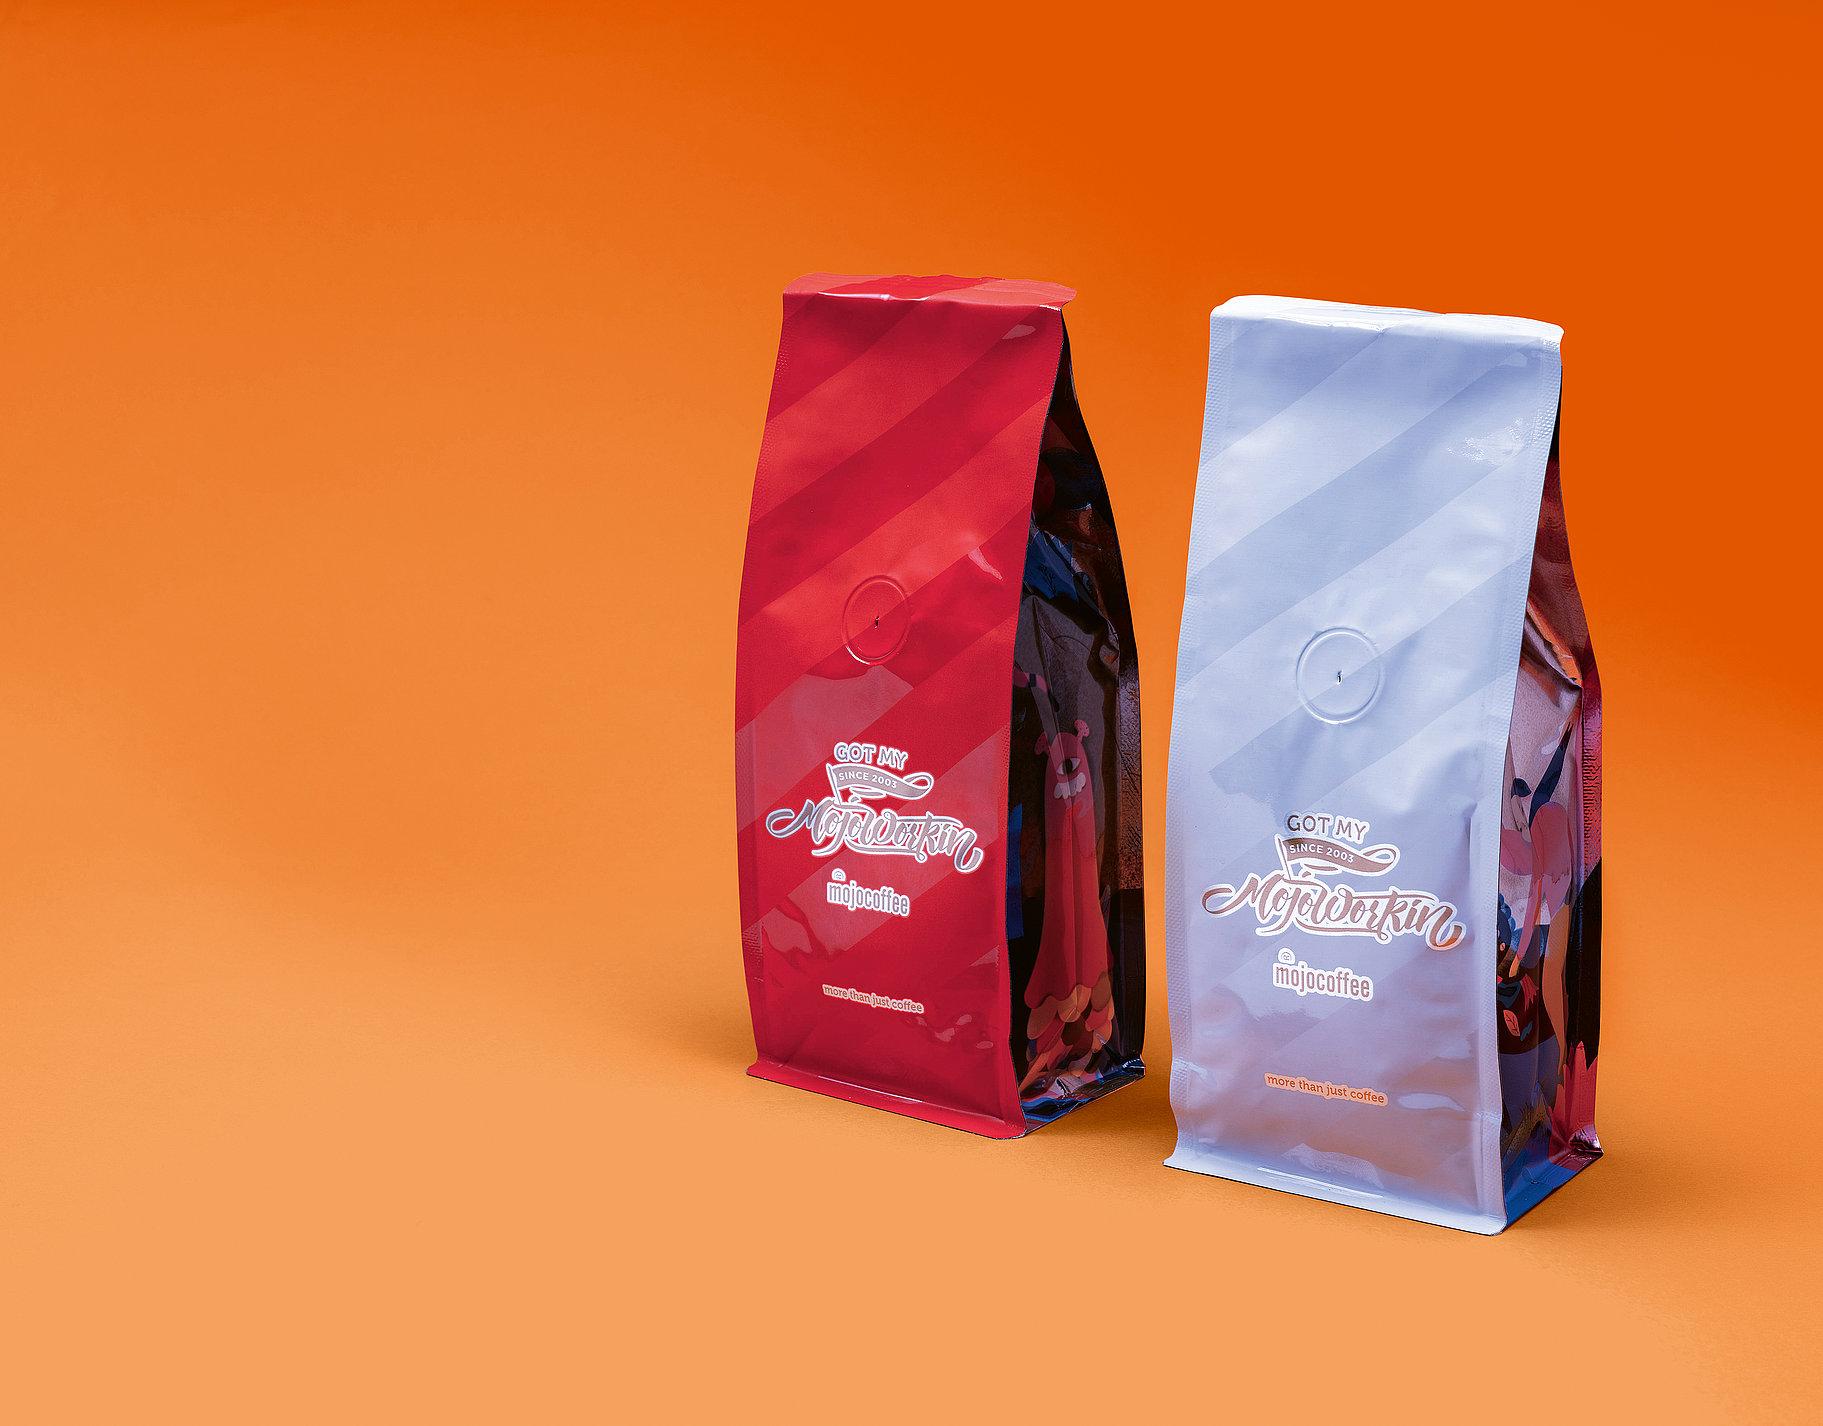 mojocoffee | Red Dot Design Award